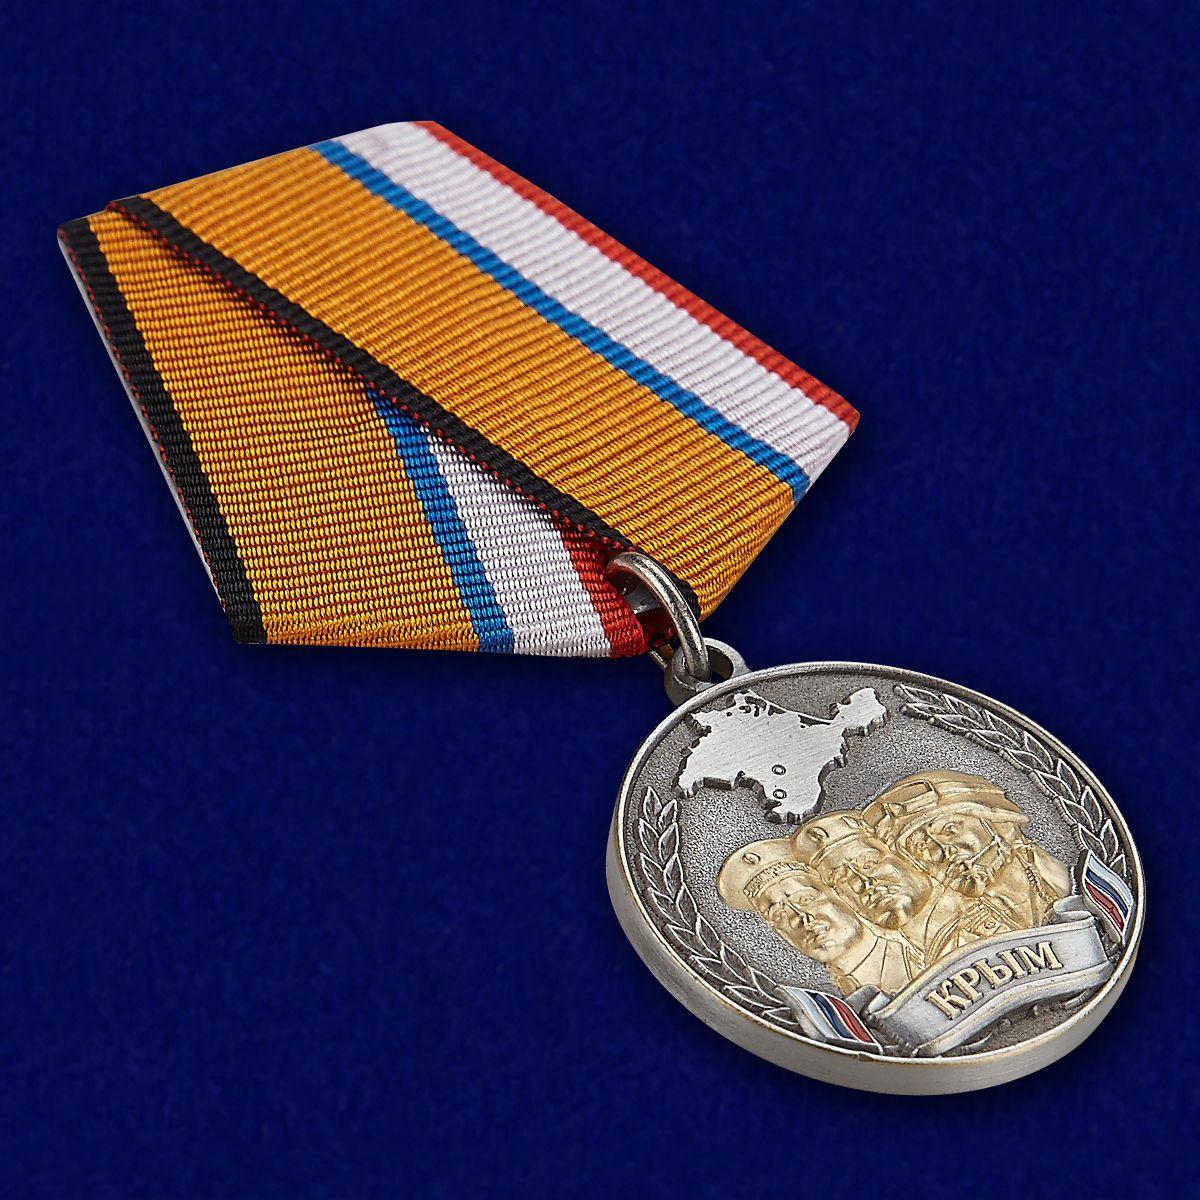 Медаль Боевое братство Крыма - общий вид